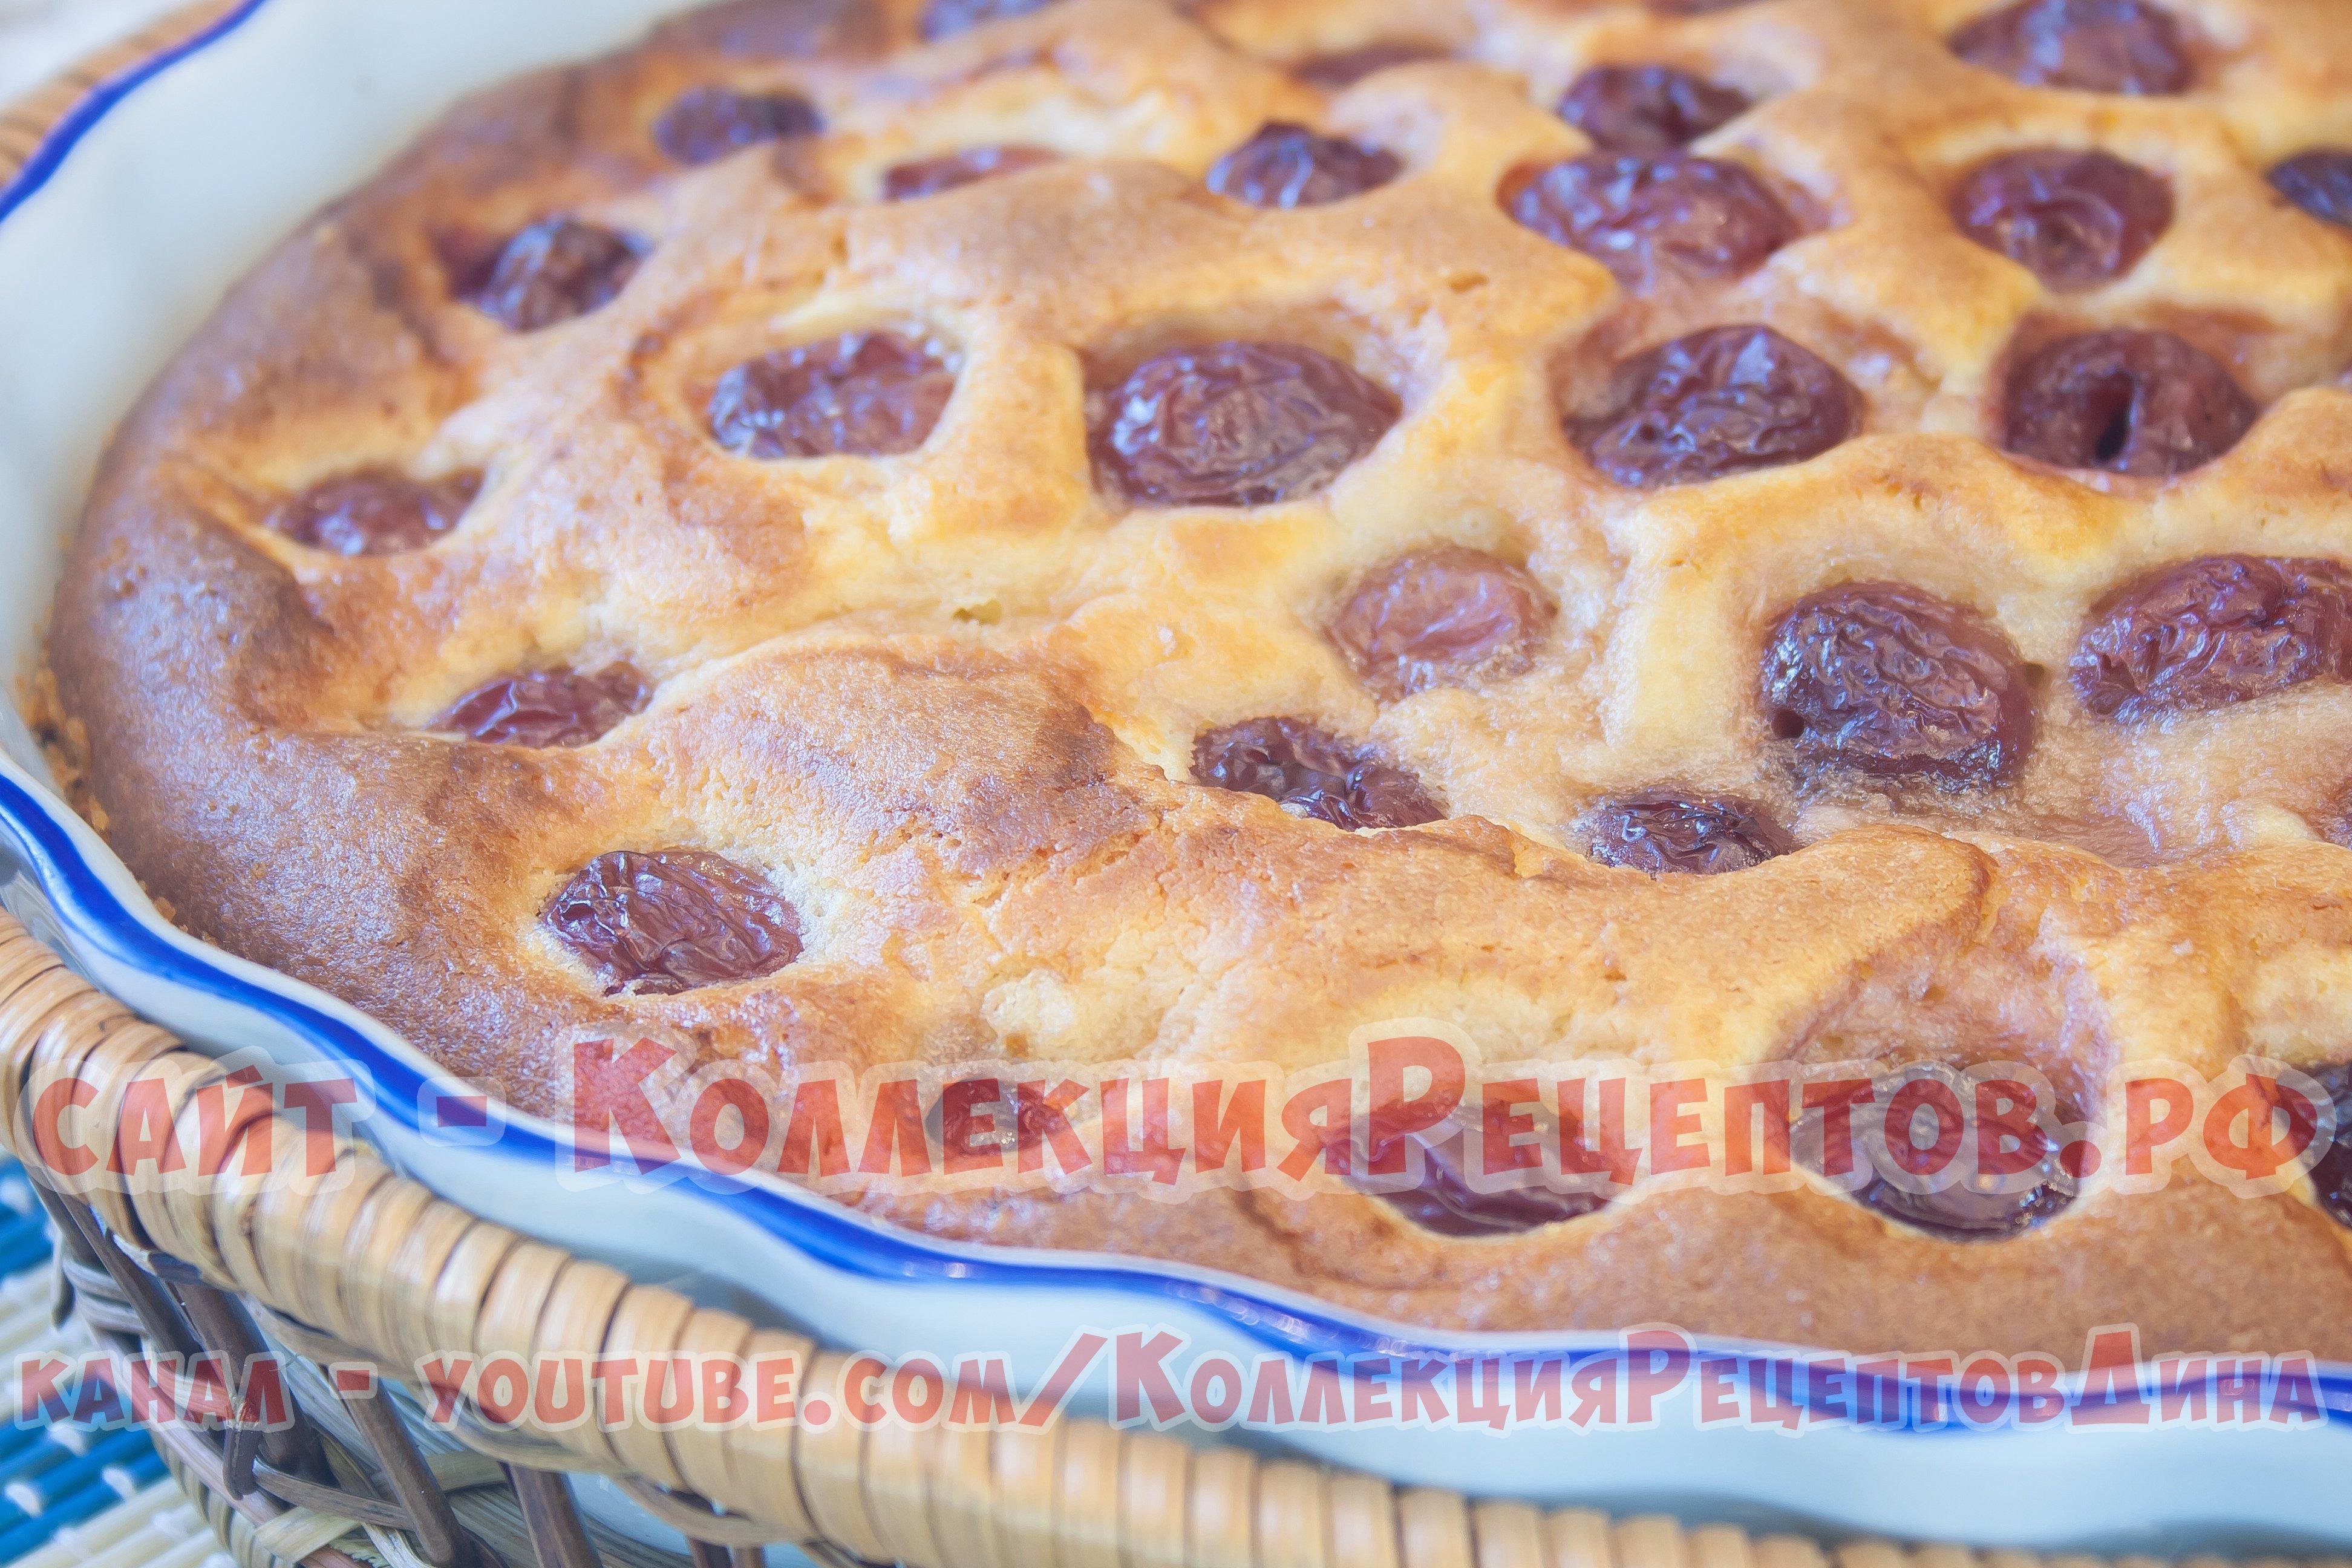 Пирог с вишней в желе рецепт пошагово